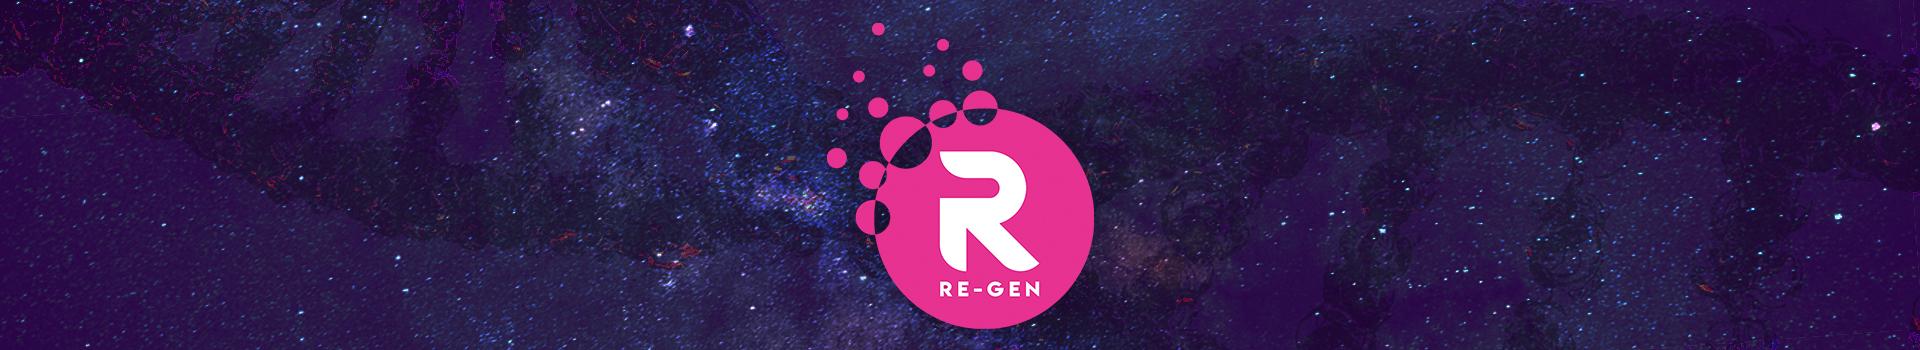 RE-GEN